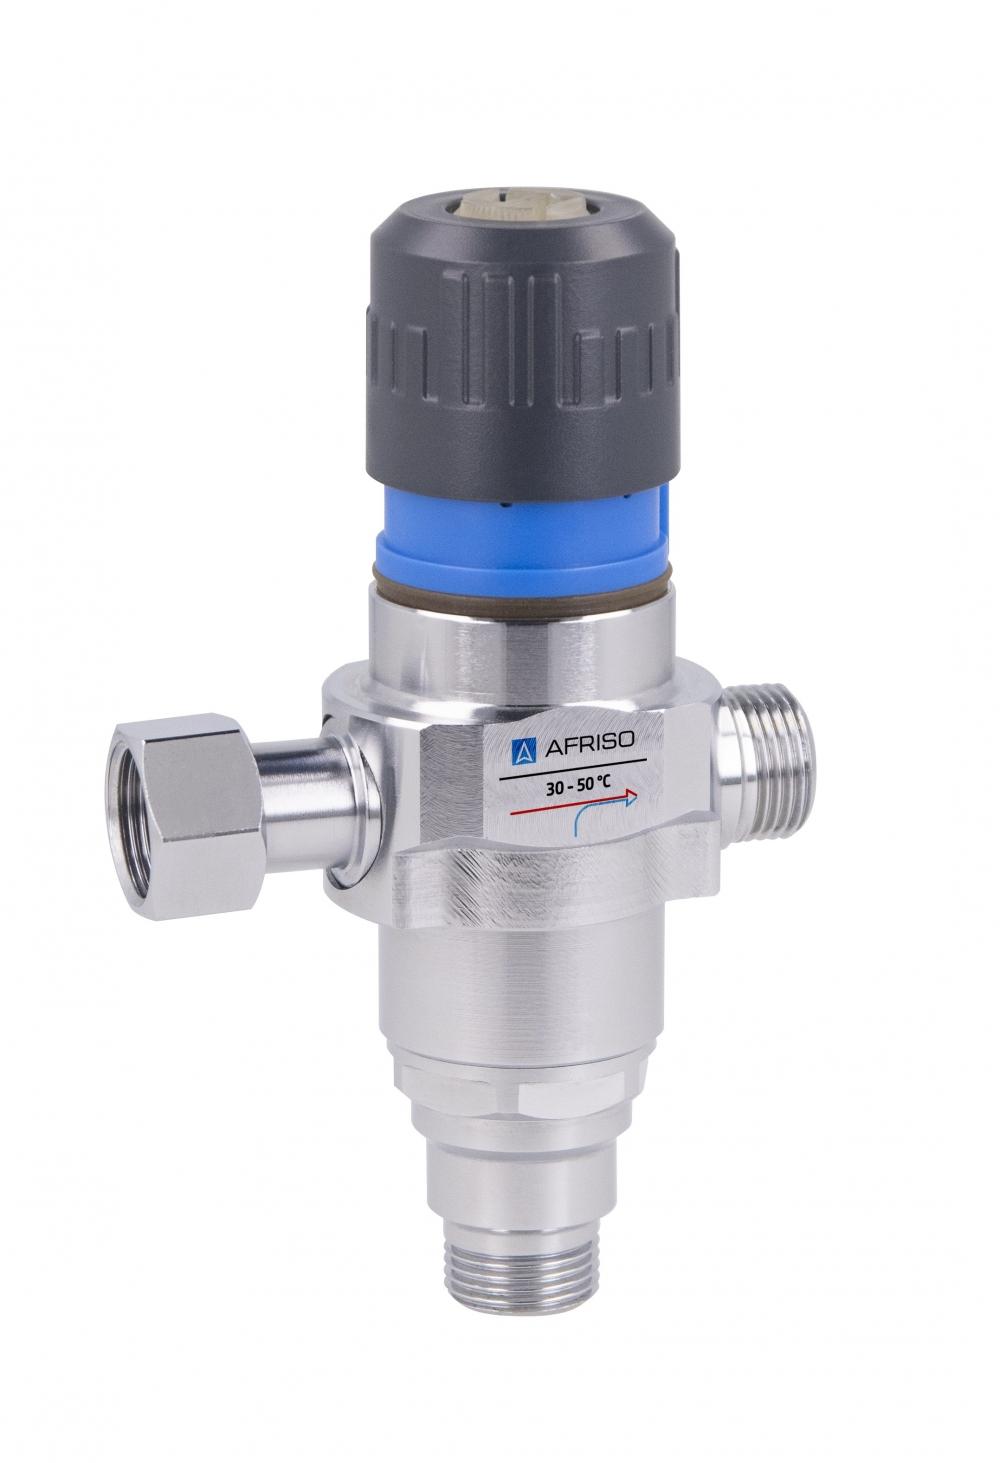 """Термостатический клапан Afriso - установка за 5 мин. 3/8"""" 30-50°C антиожог DN10, смесительный клапан  - 1"""